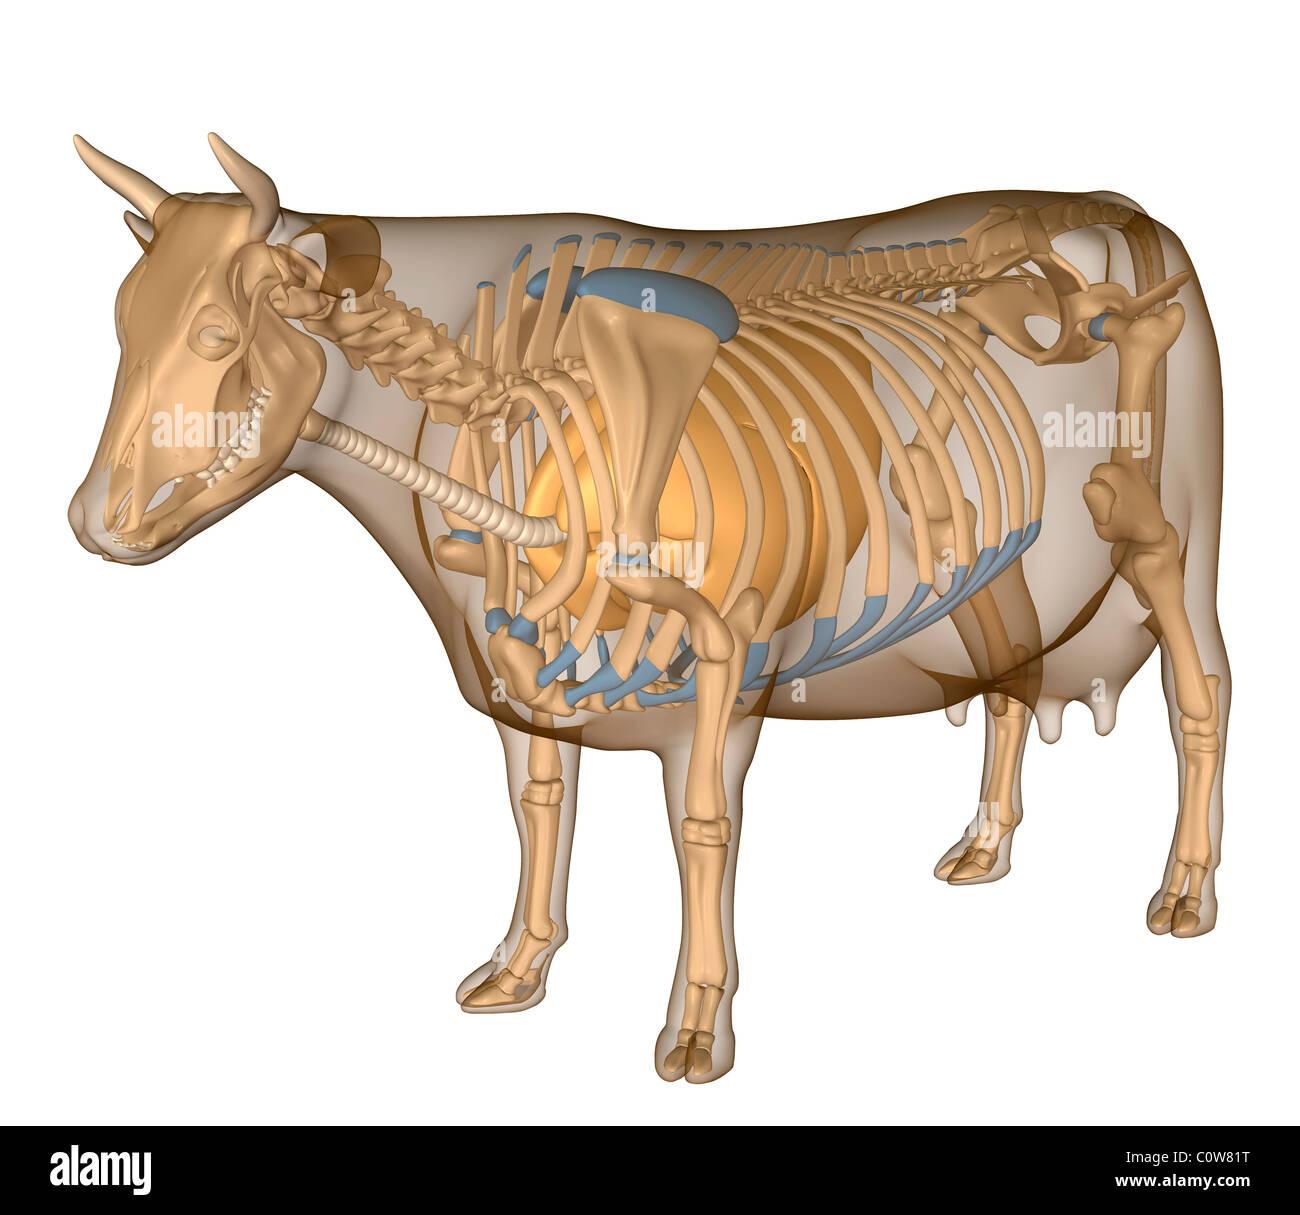 Gemütlich Kuh Mund Anatomie Ideen - Menschliche Anatomie Bilder ...